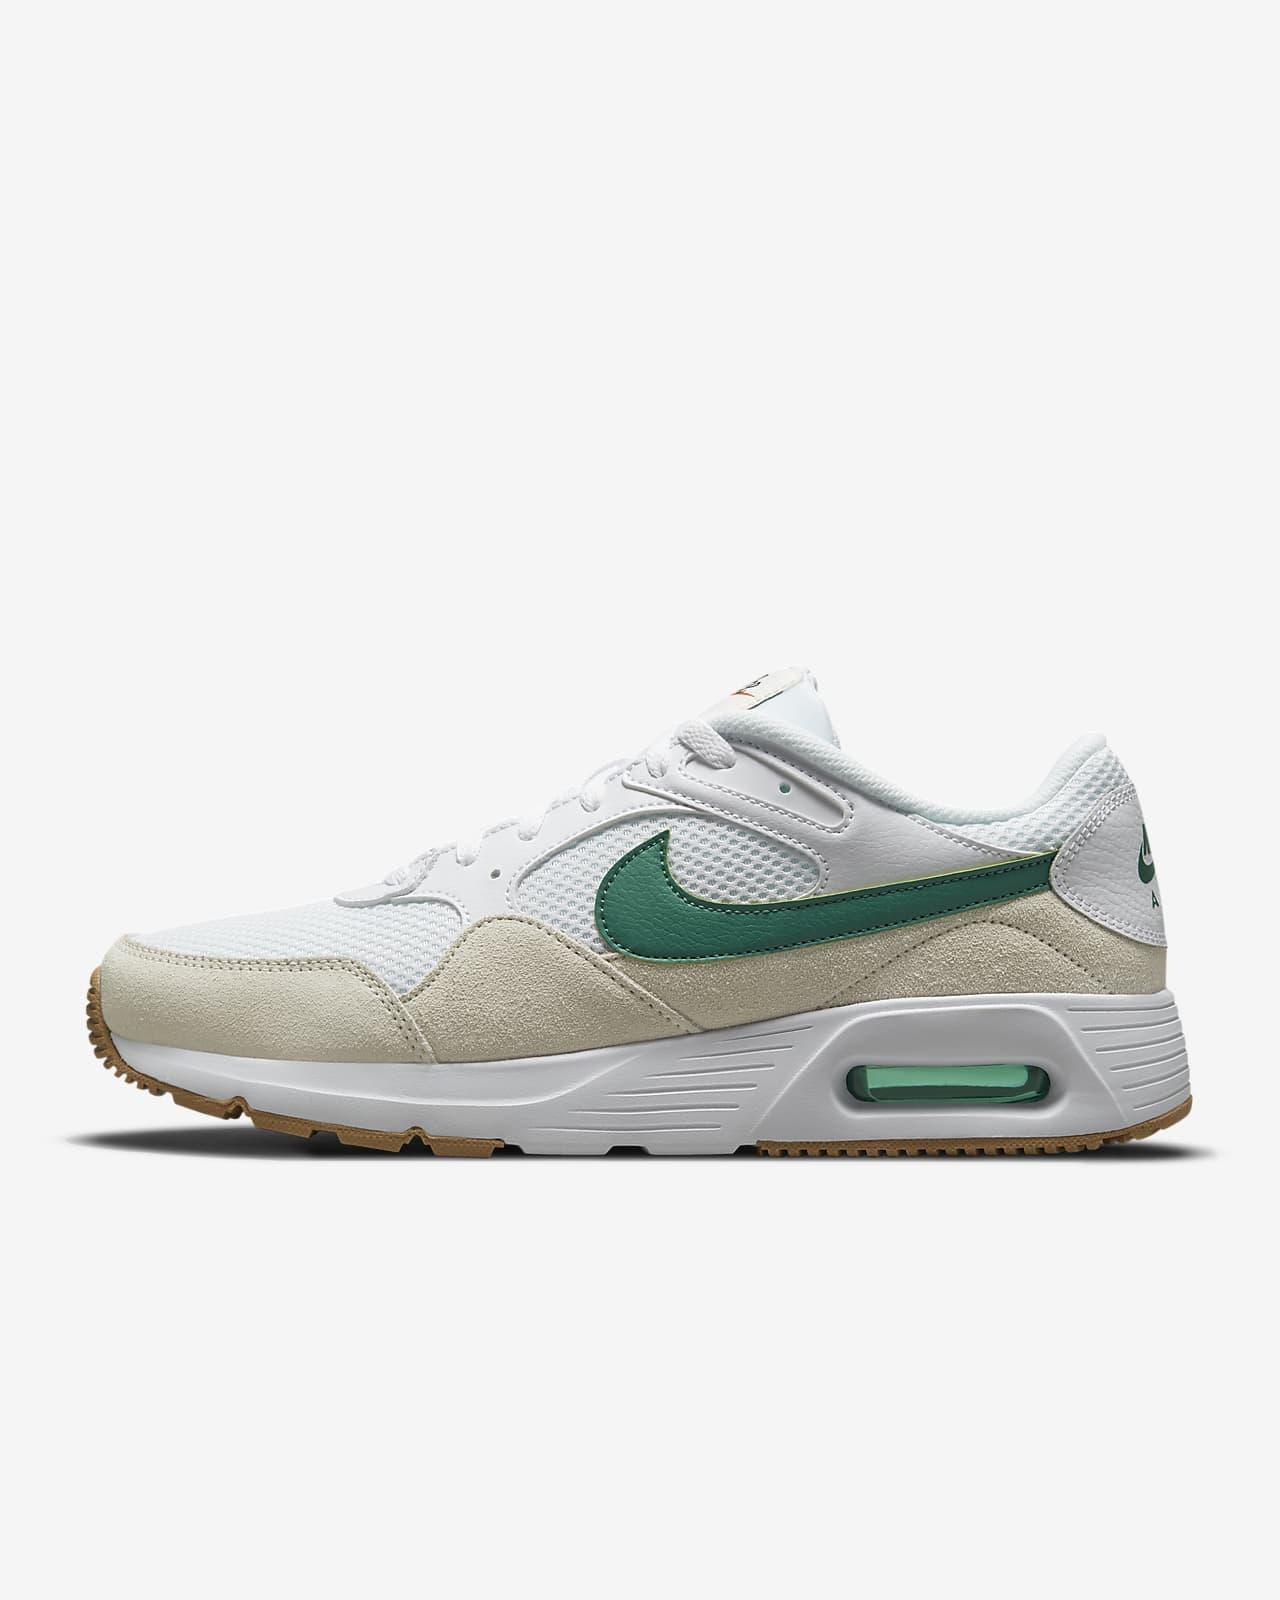 Nike Air Max SC Men's Shoes